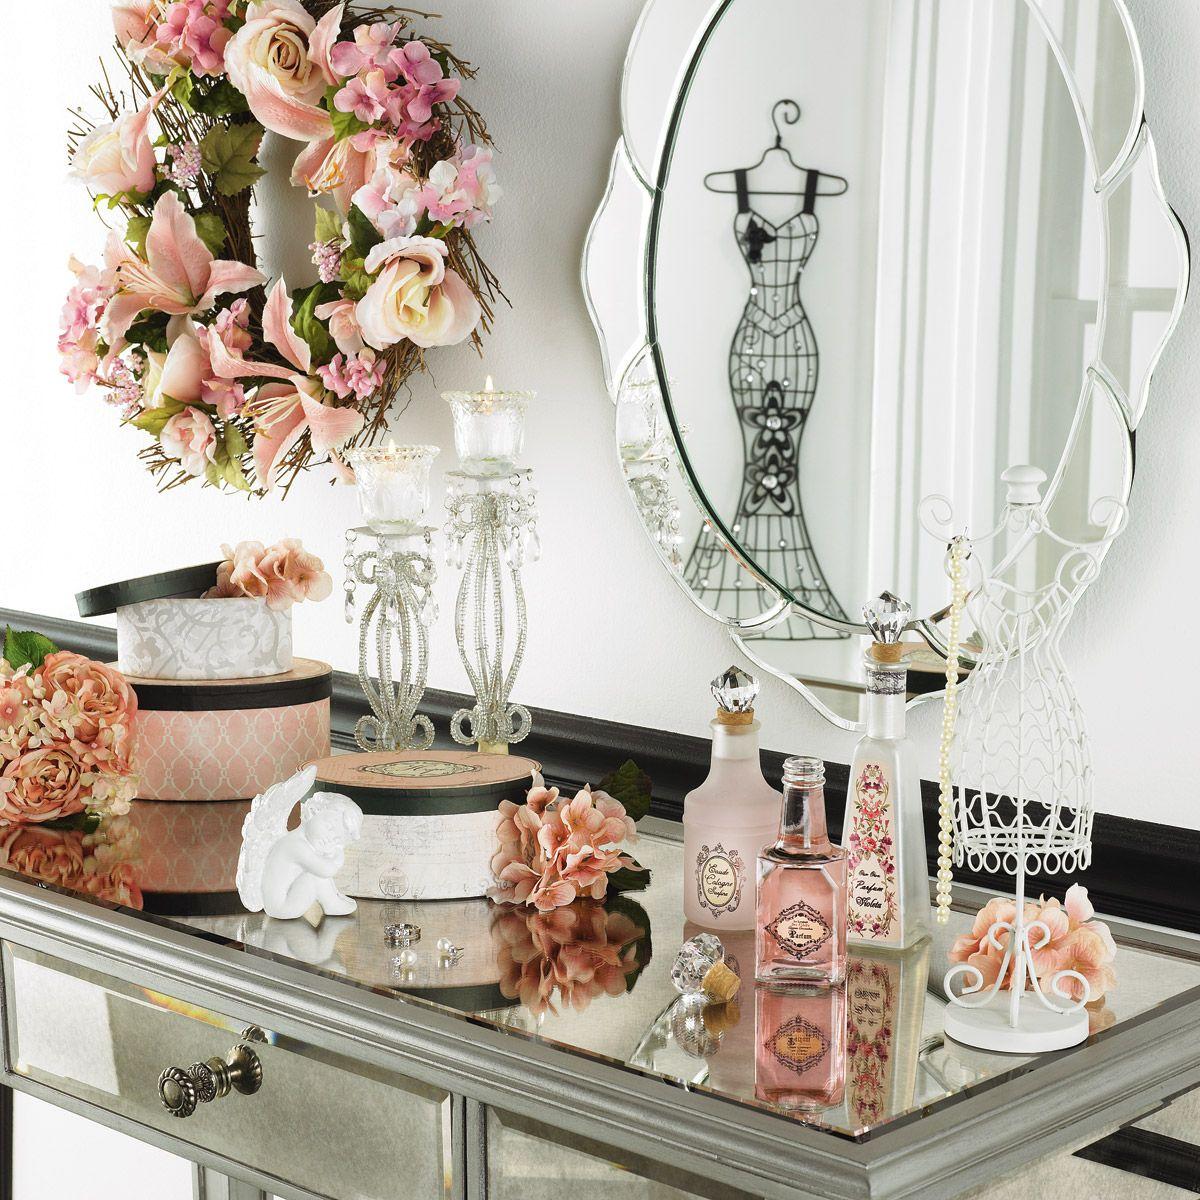 Style je huis als een echte gossip girl of boy preppy chic roomed